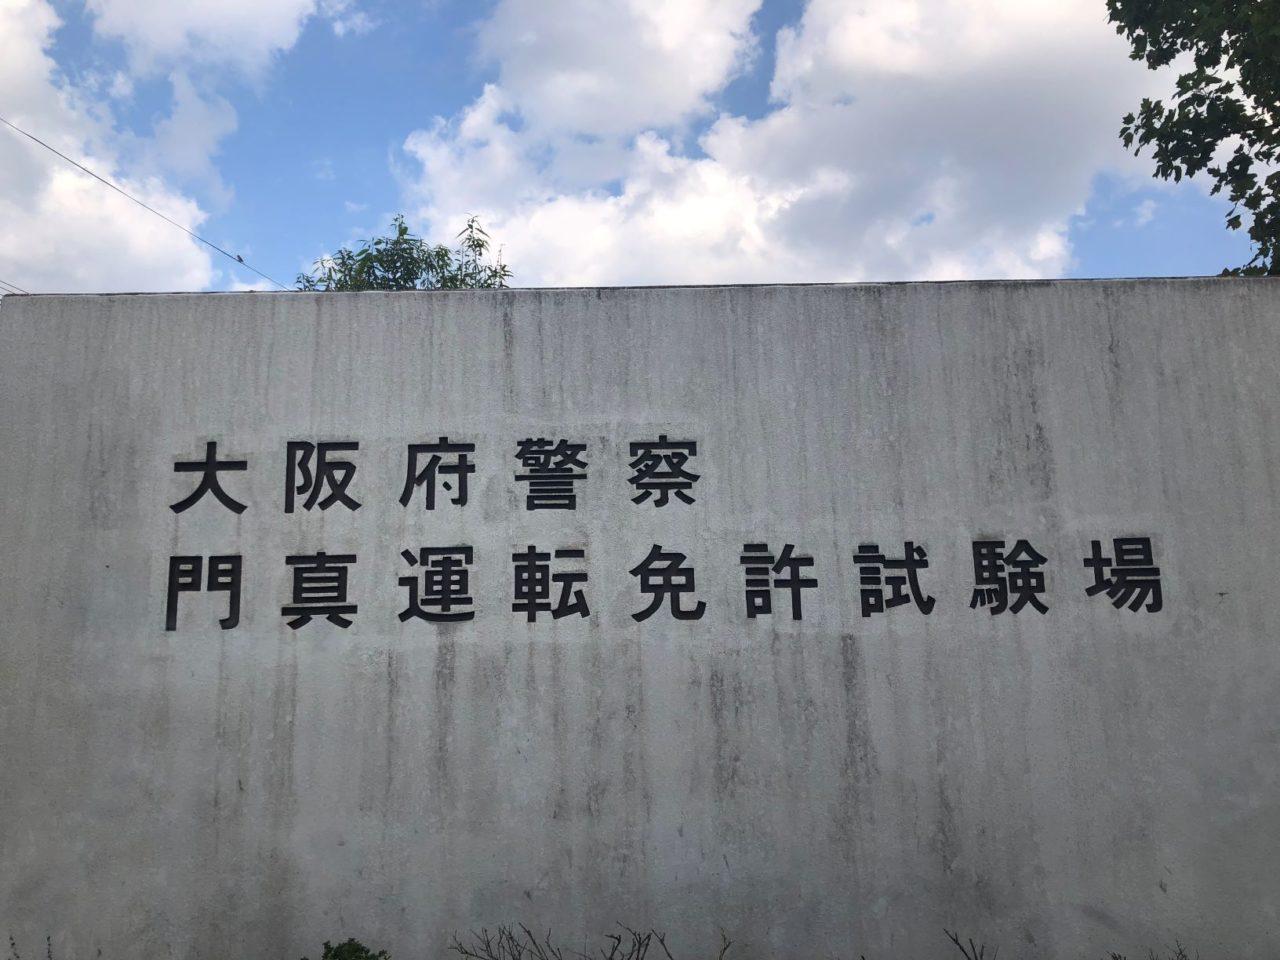 大阪府門真運転免許試験場